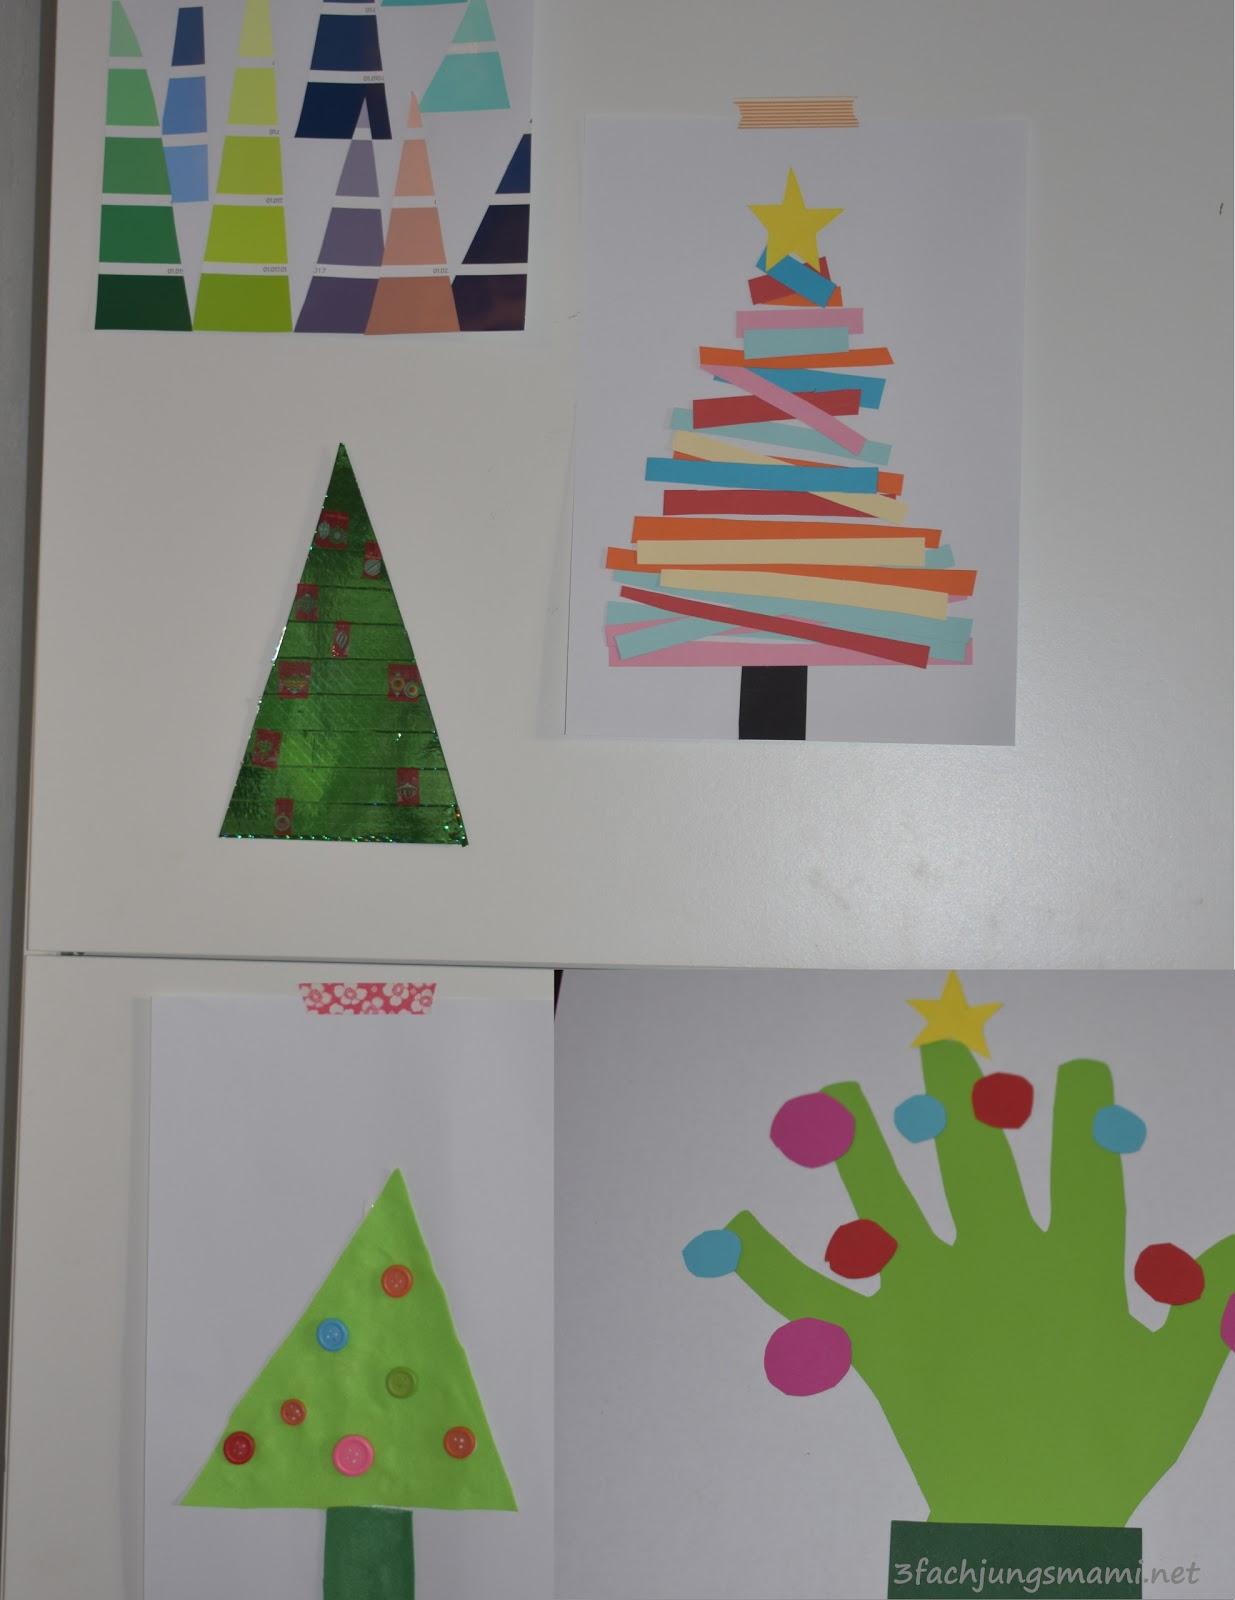 5 Tolle Ideen Um Weihnachtsbaume Mit Kindern Zu Basteln